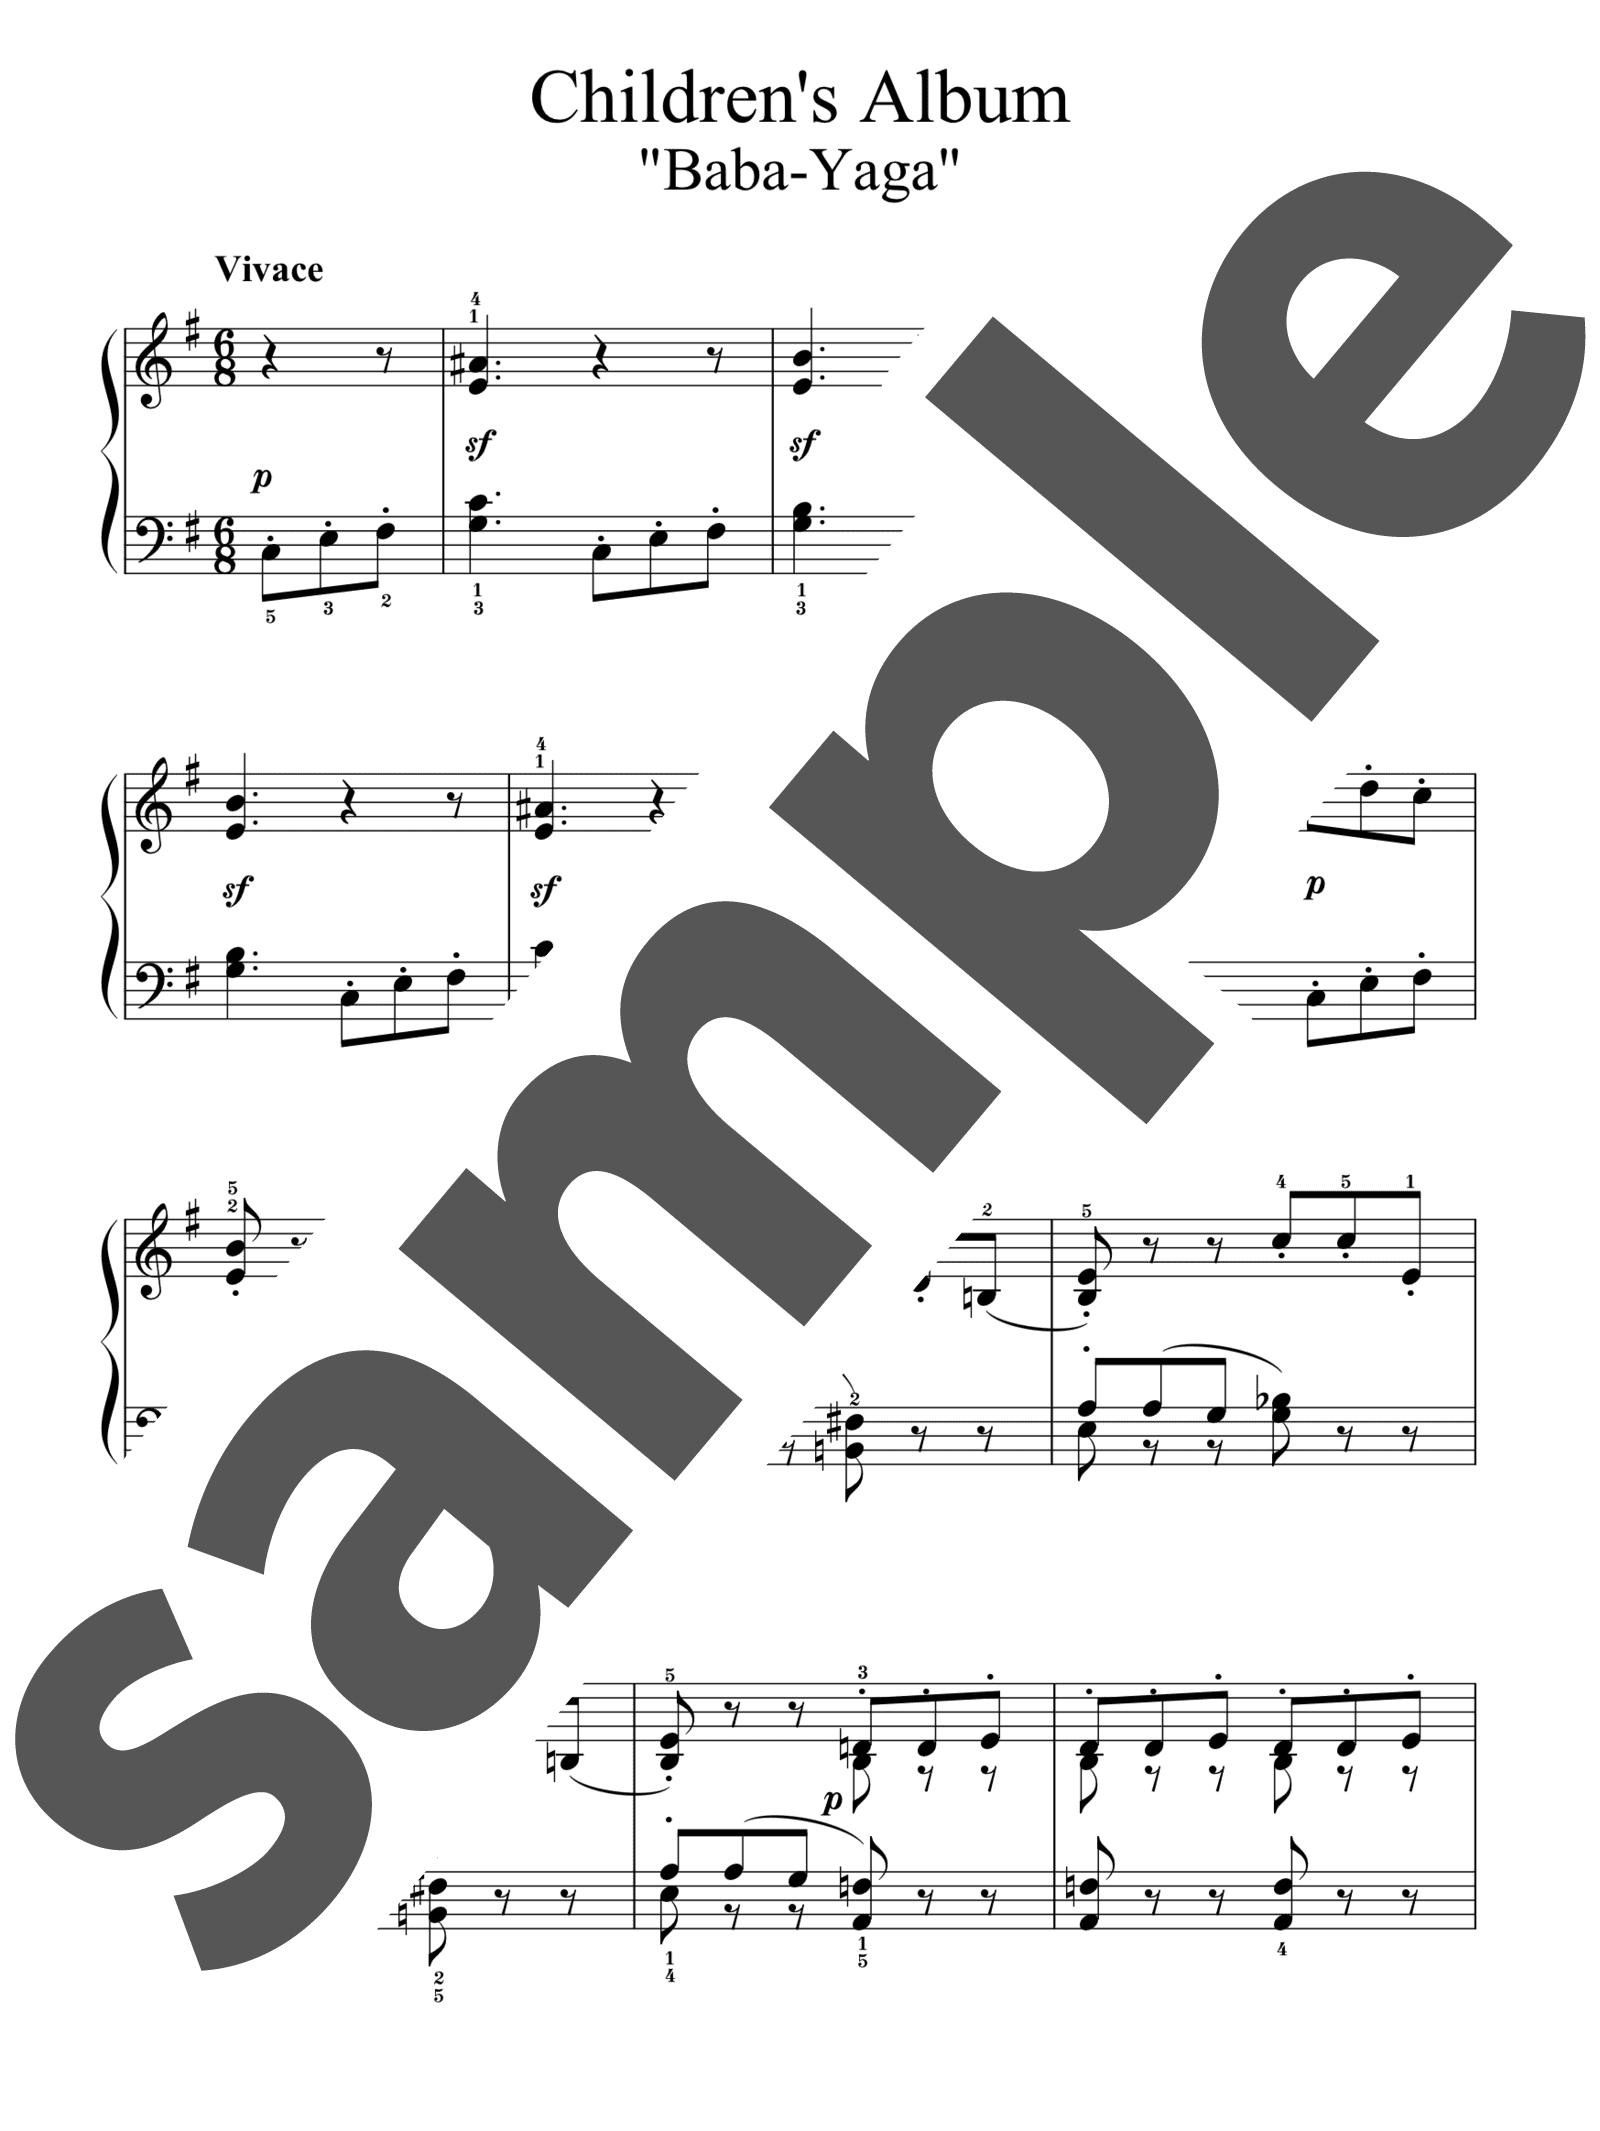 「子供のアルバムより「ババ・ヤガ」」のサンプル楽譜